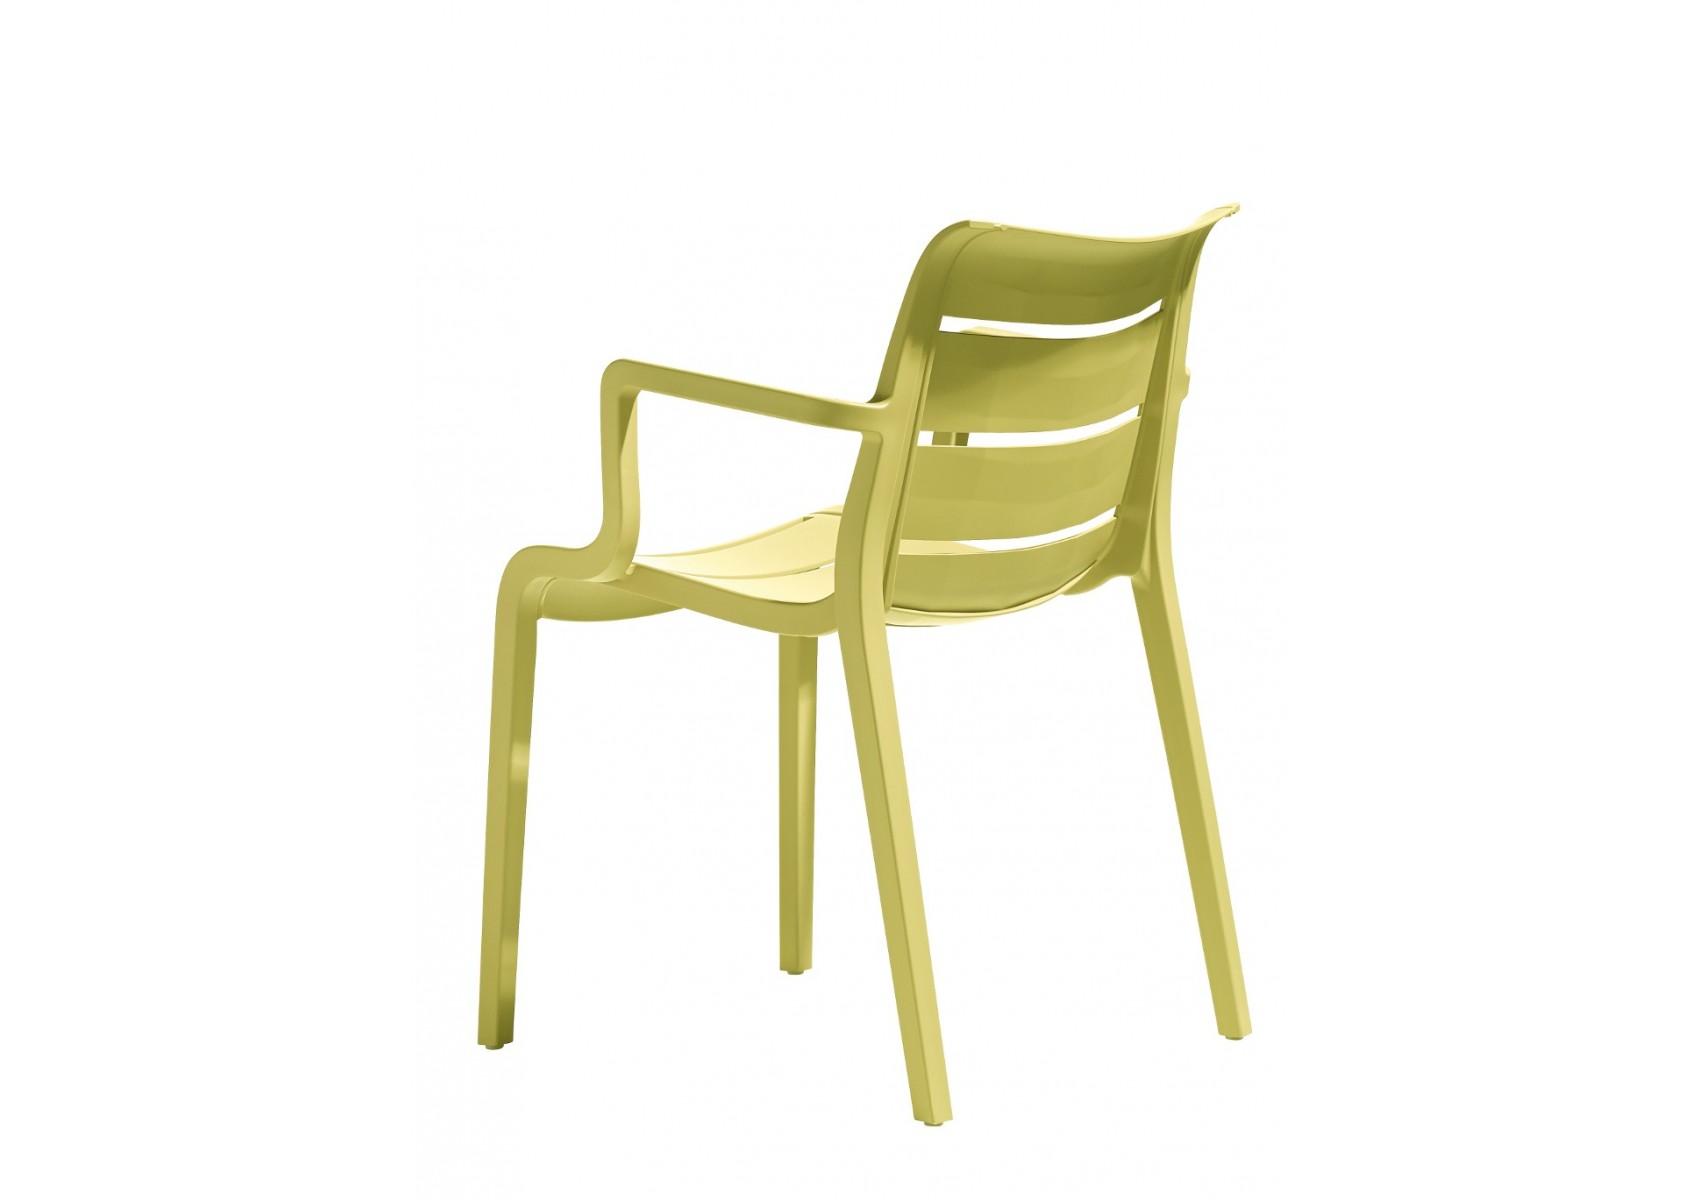 4 chaises design de jardin sunset lot de 4 deco - Lot de 4 chaises design ...